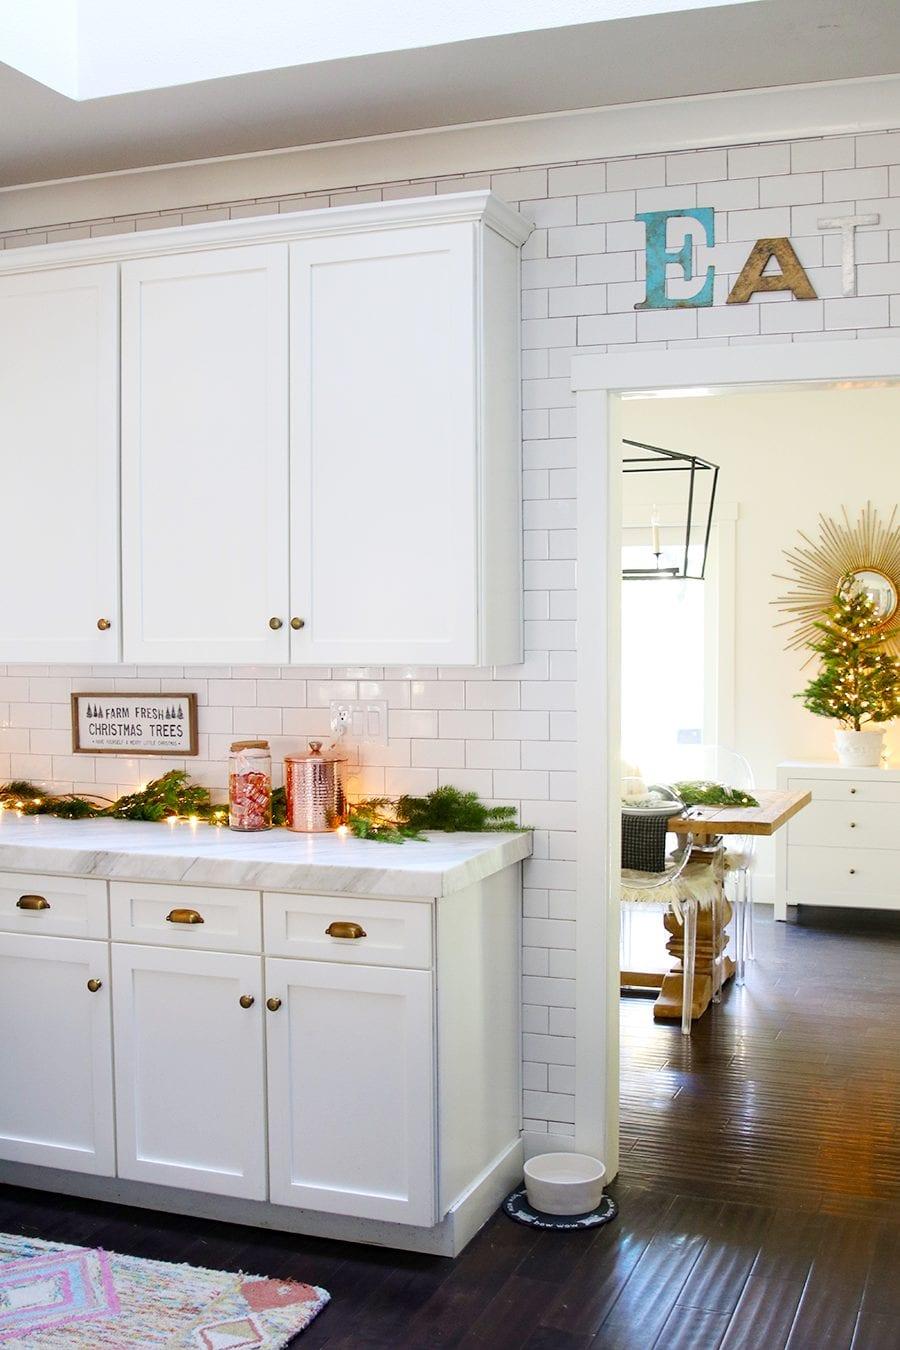 Modern Farmhouse Christmas kitchen